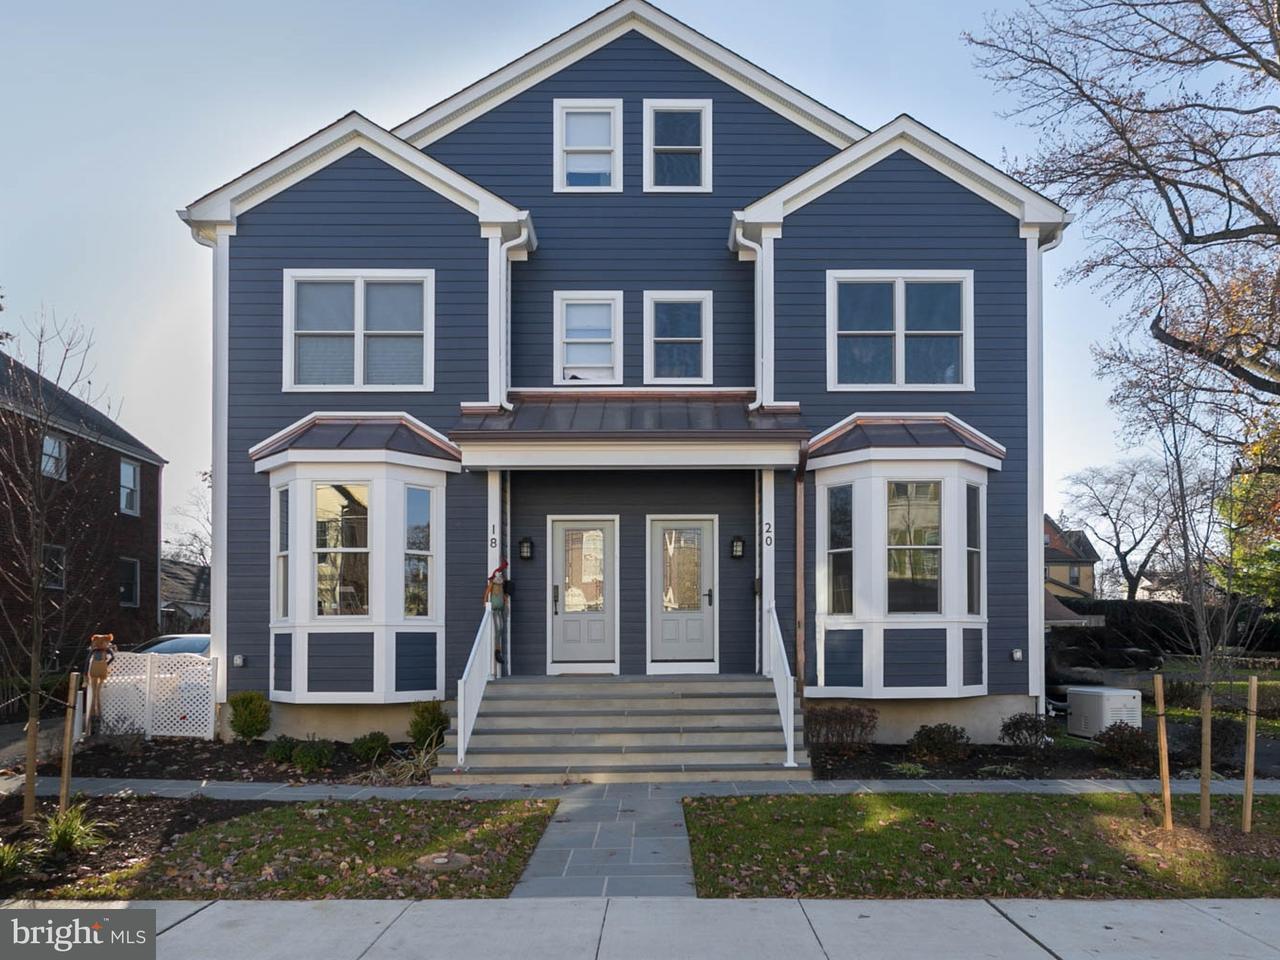 Casa unifamiliar adosada (Townhouse) por un Venta en 20 HUMBERT Street Princeton, Nueva Jersey 08542 Estados UnidosEn/Alrededor: Princeton